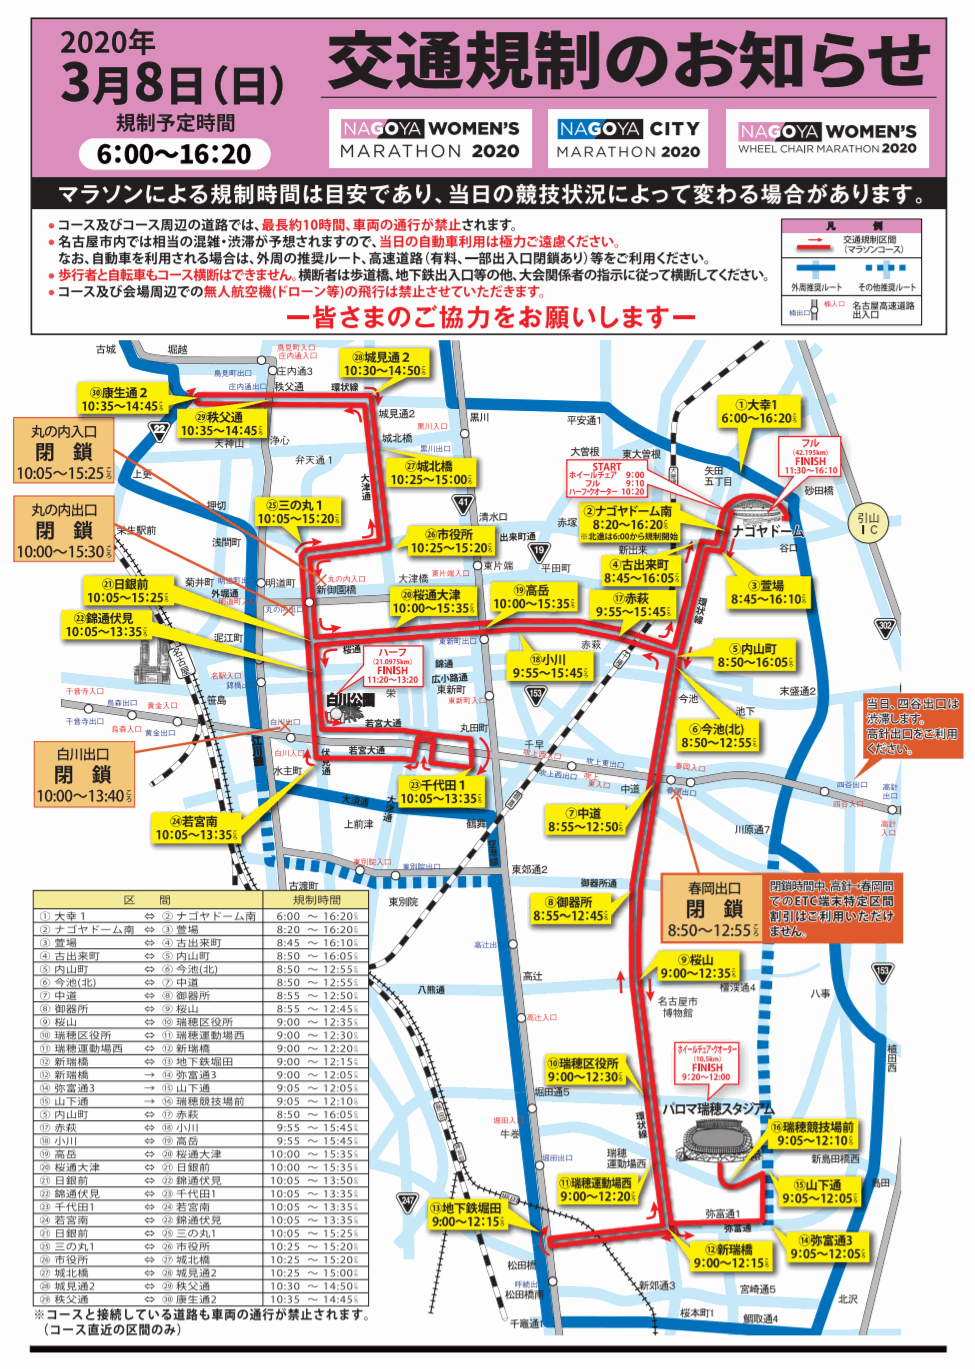 名古屋ウィメンズマラソン2020の交通規制マップ(地図)